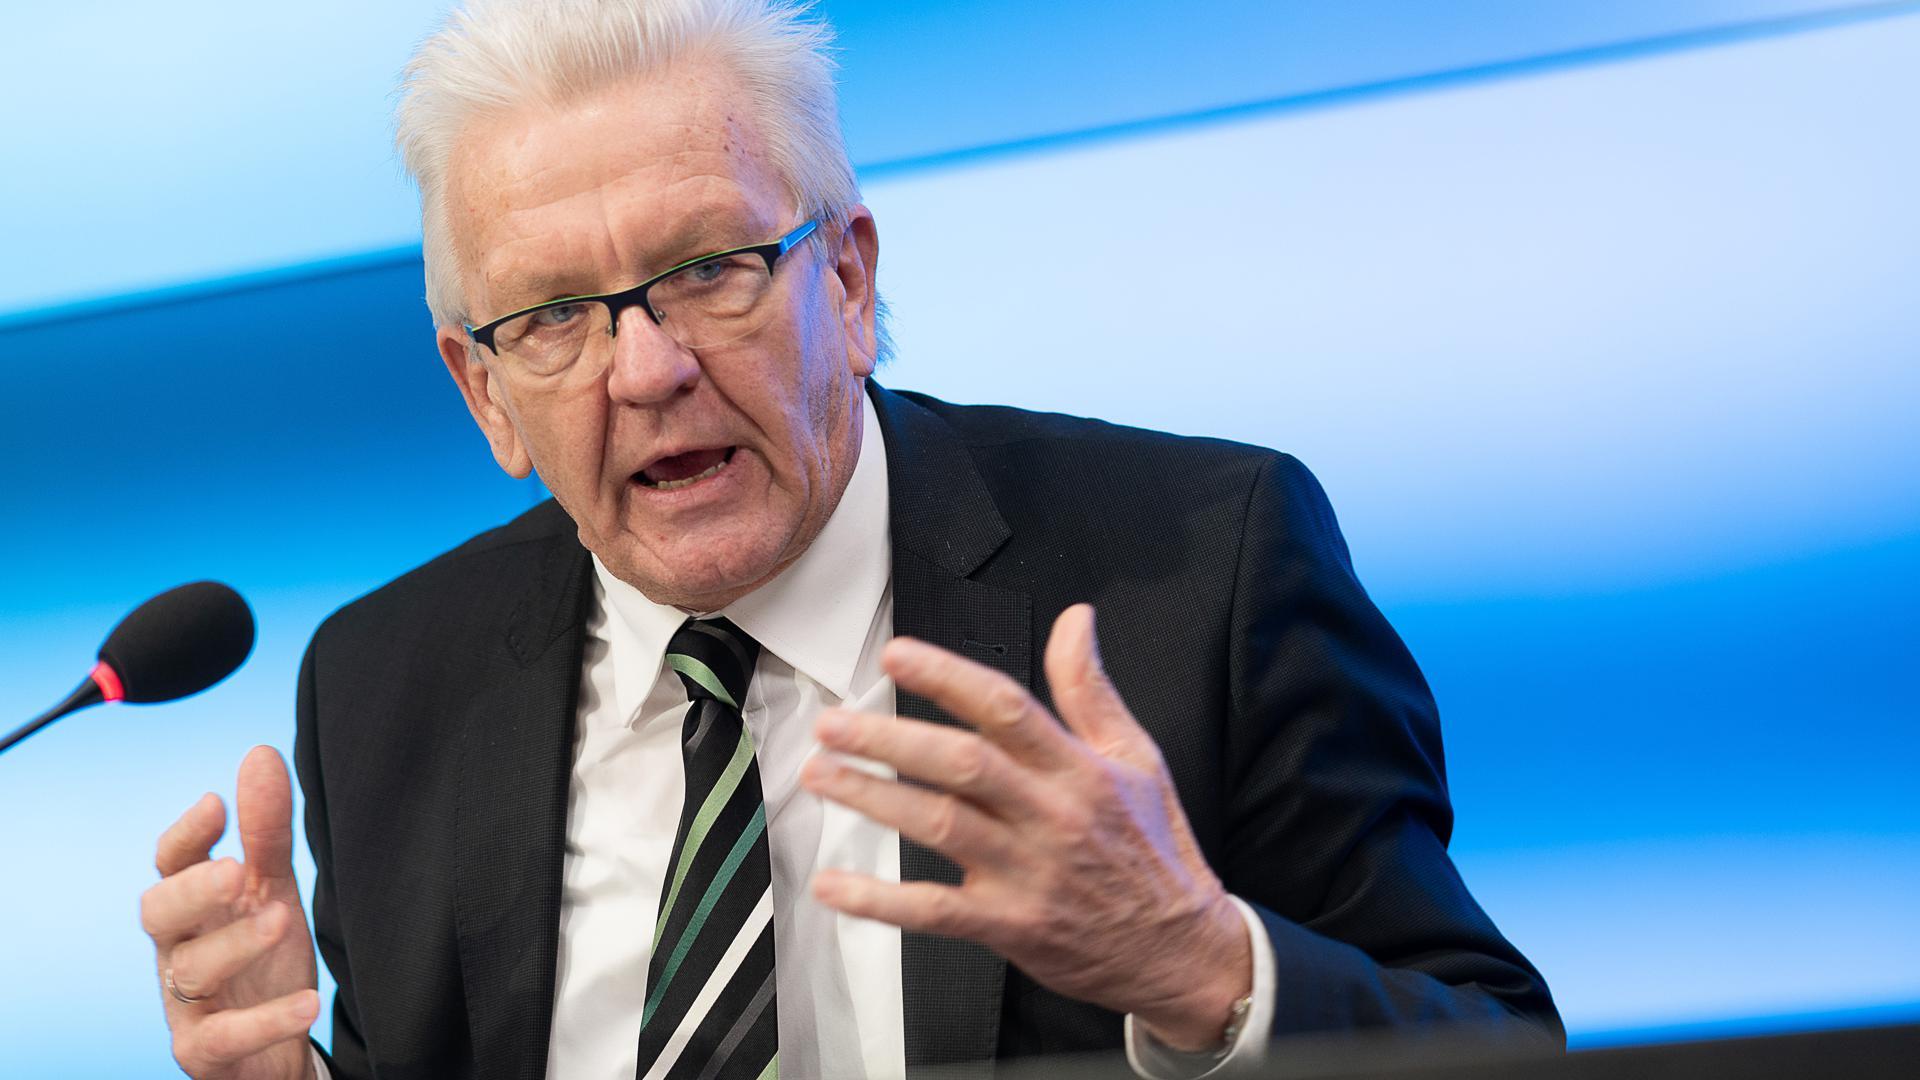 Winfried Kretschmann (Bündnis 90/Die Grünen), Ministerpräsident von Baden-Württemberg, spricht während der Regierungspressekonferenz der Landesregierung.